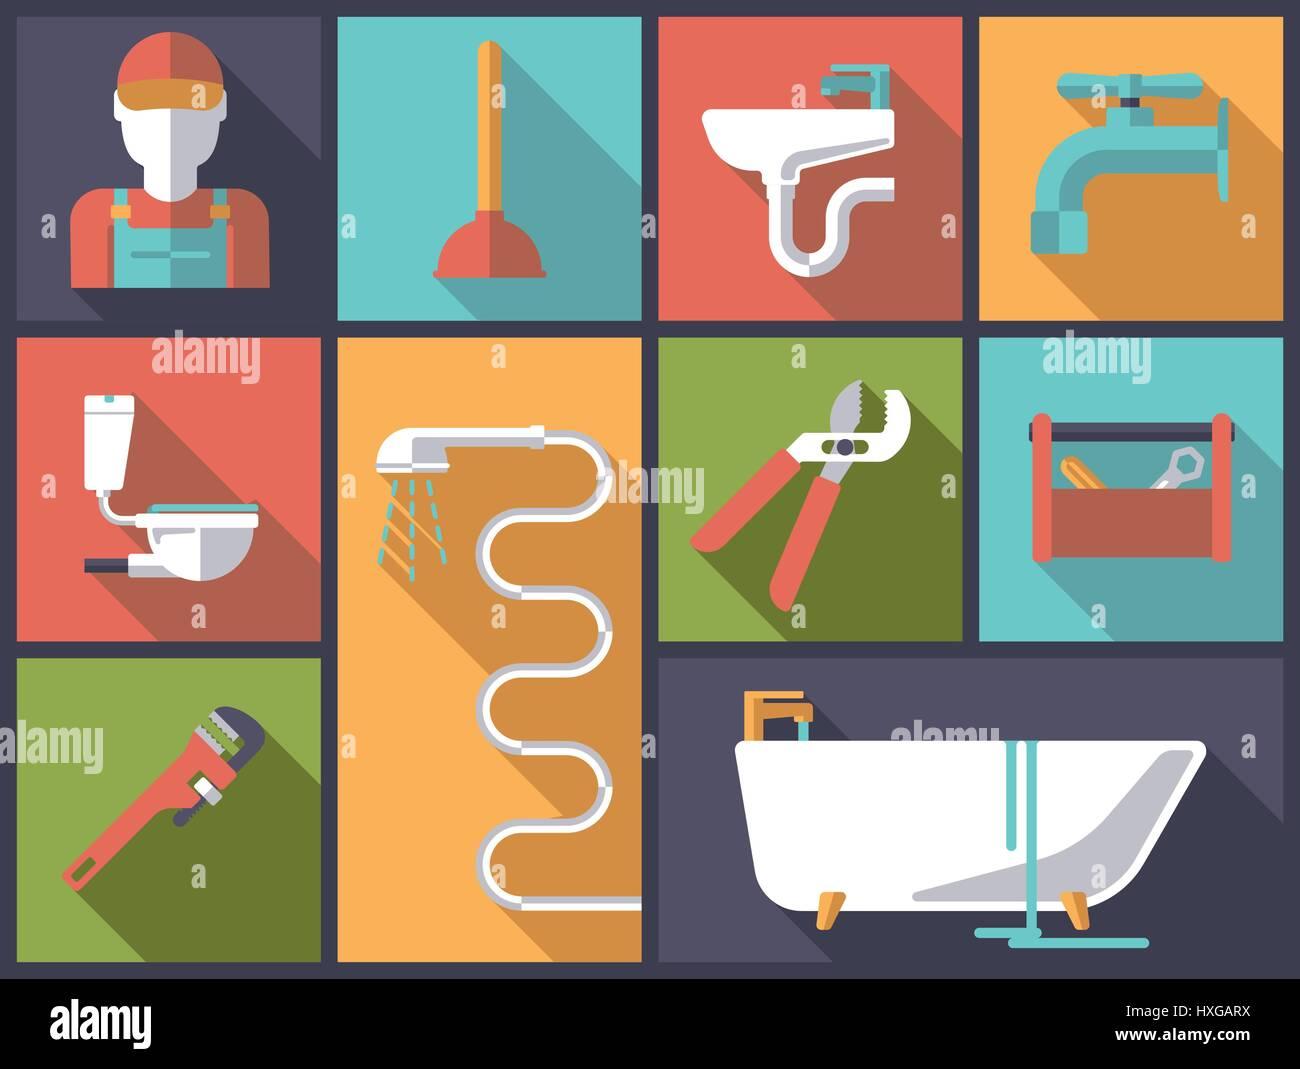 Diseño plano horizontal larga sombra ilustración con herramientas de fontanería e instalaciones sanitarias Imagen De Stock